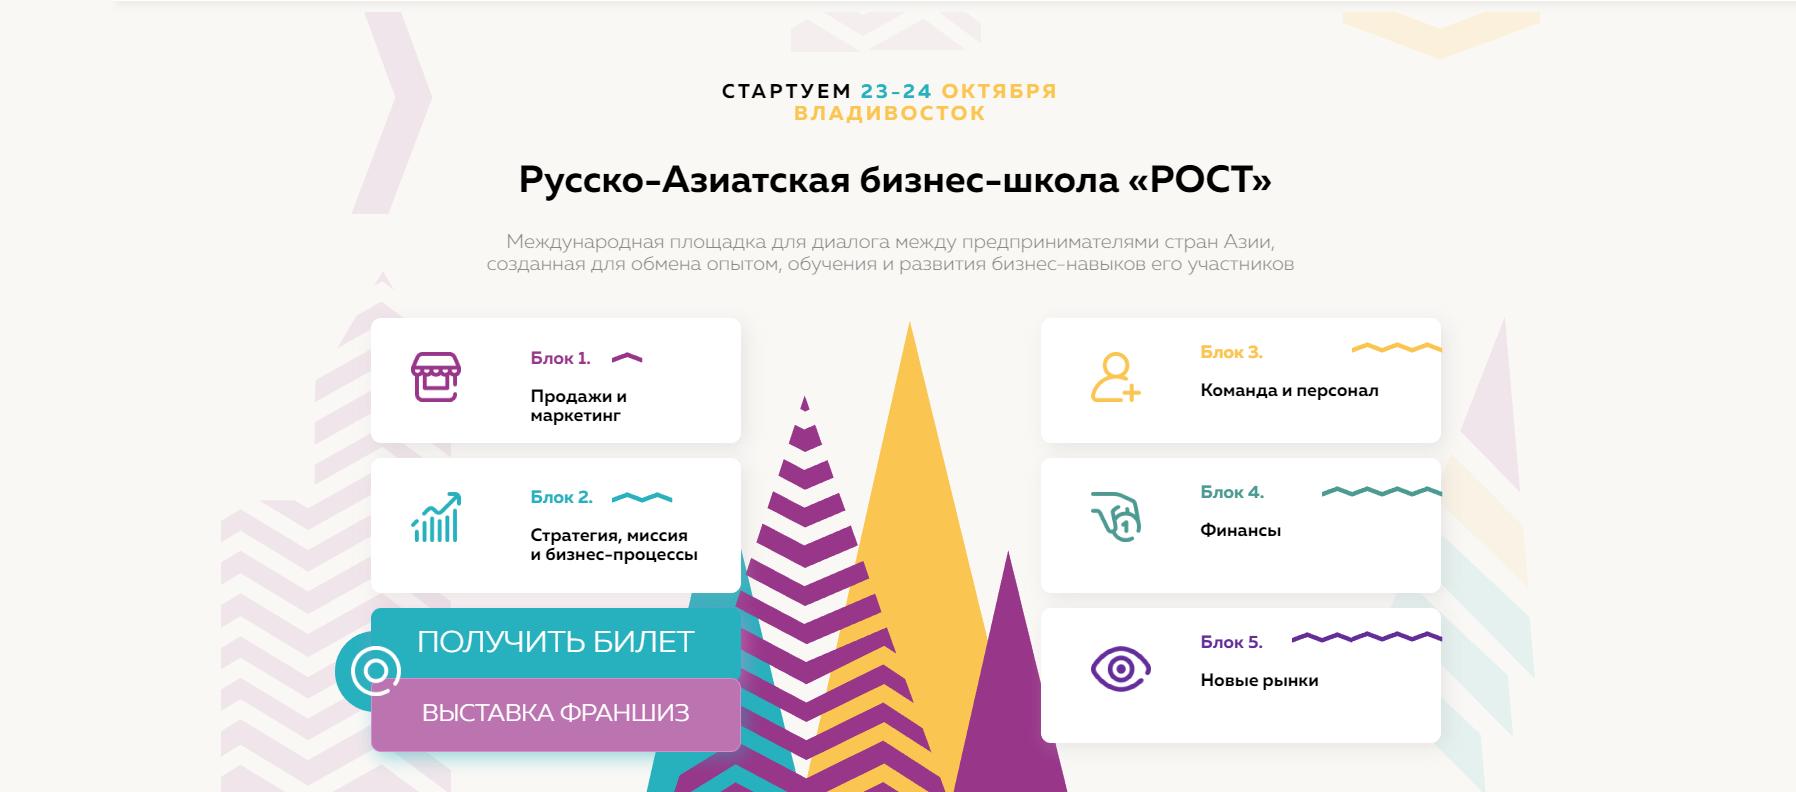 Русско-Азиатская бизнес-школа «РОСТ»